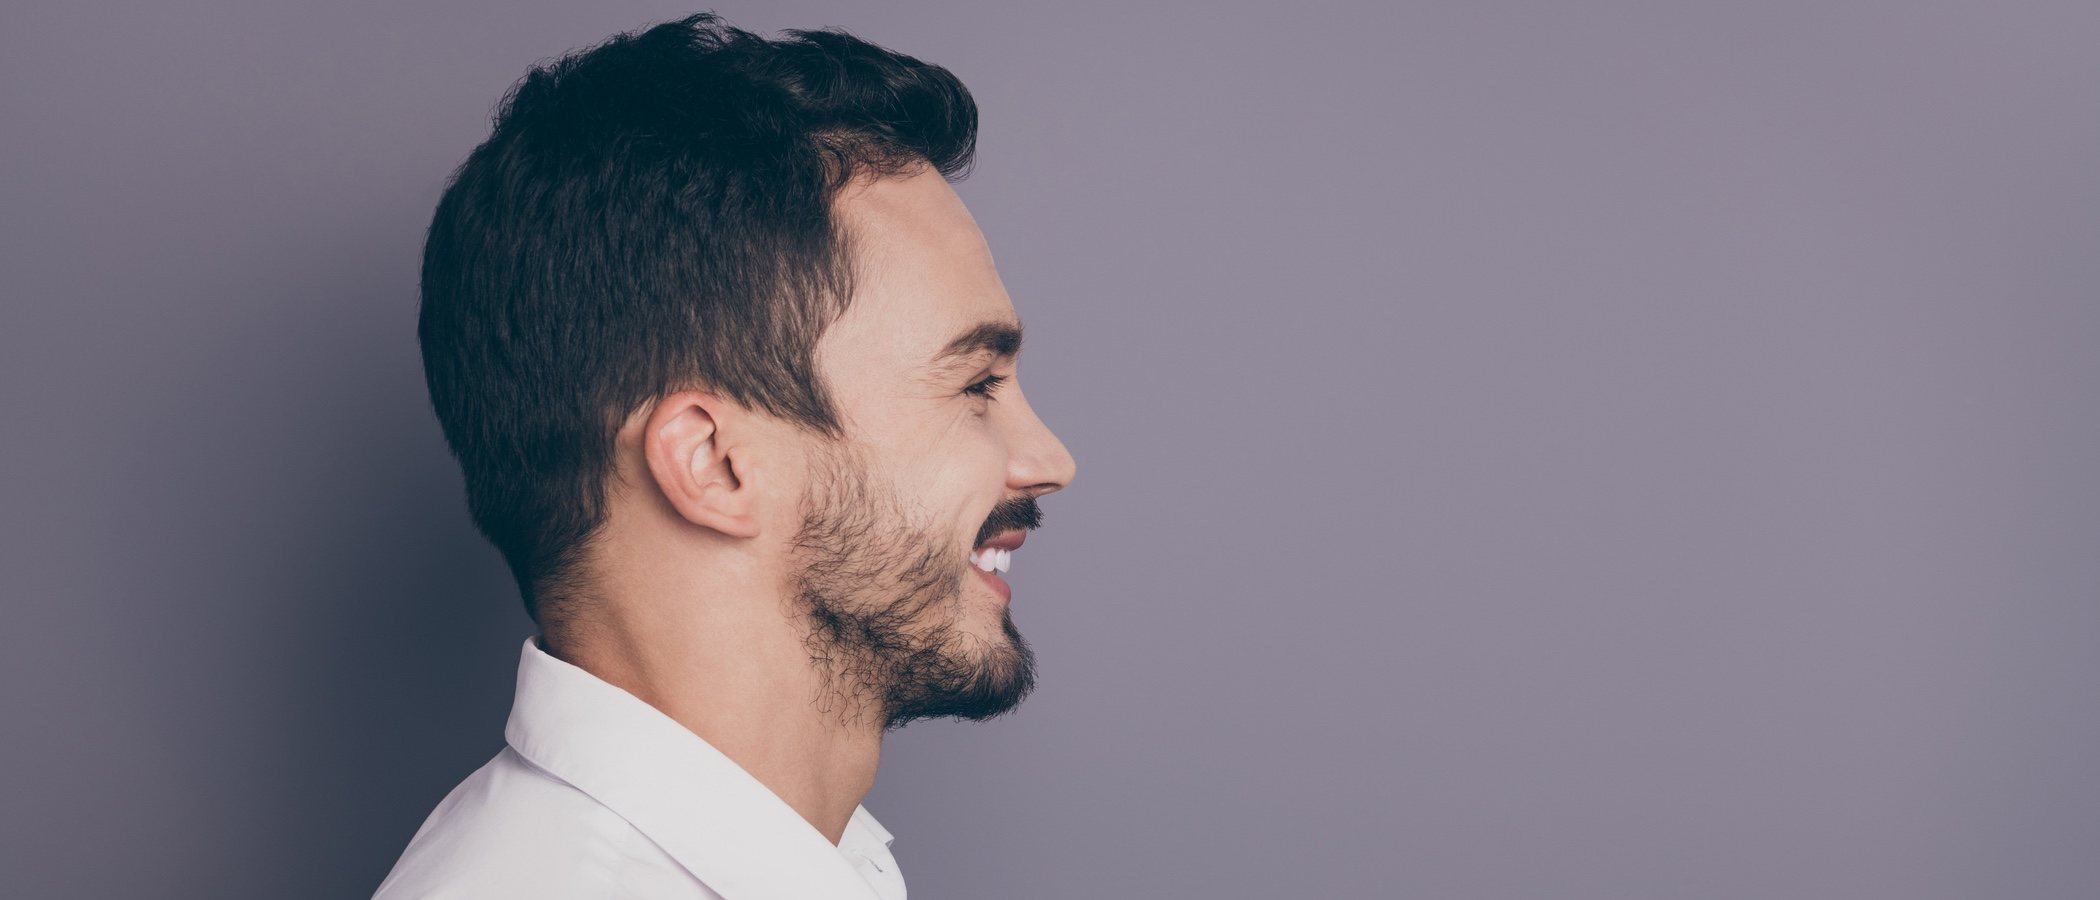 La barba esta de moda, pero no a todos les queda bien